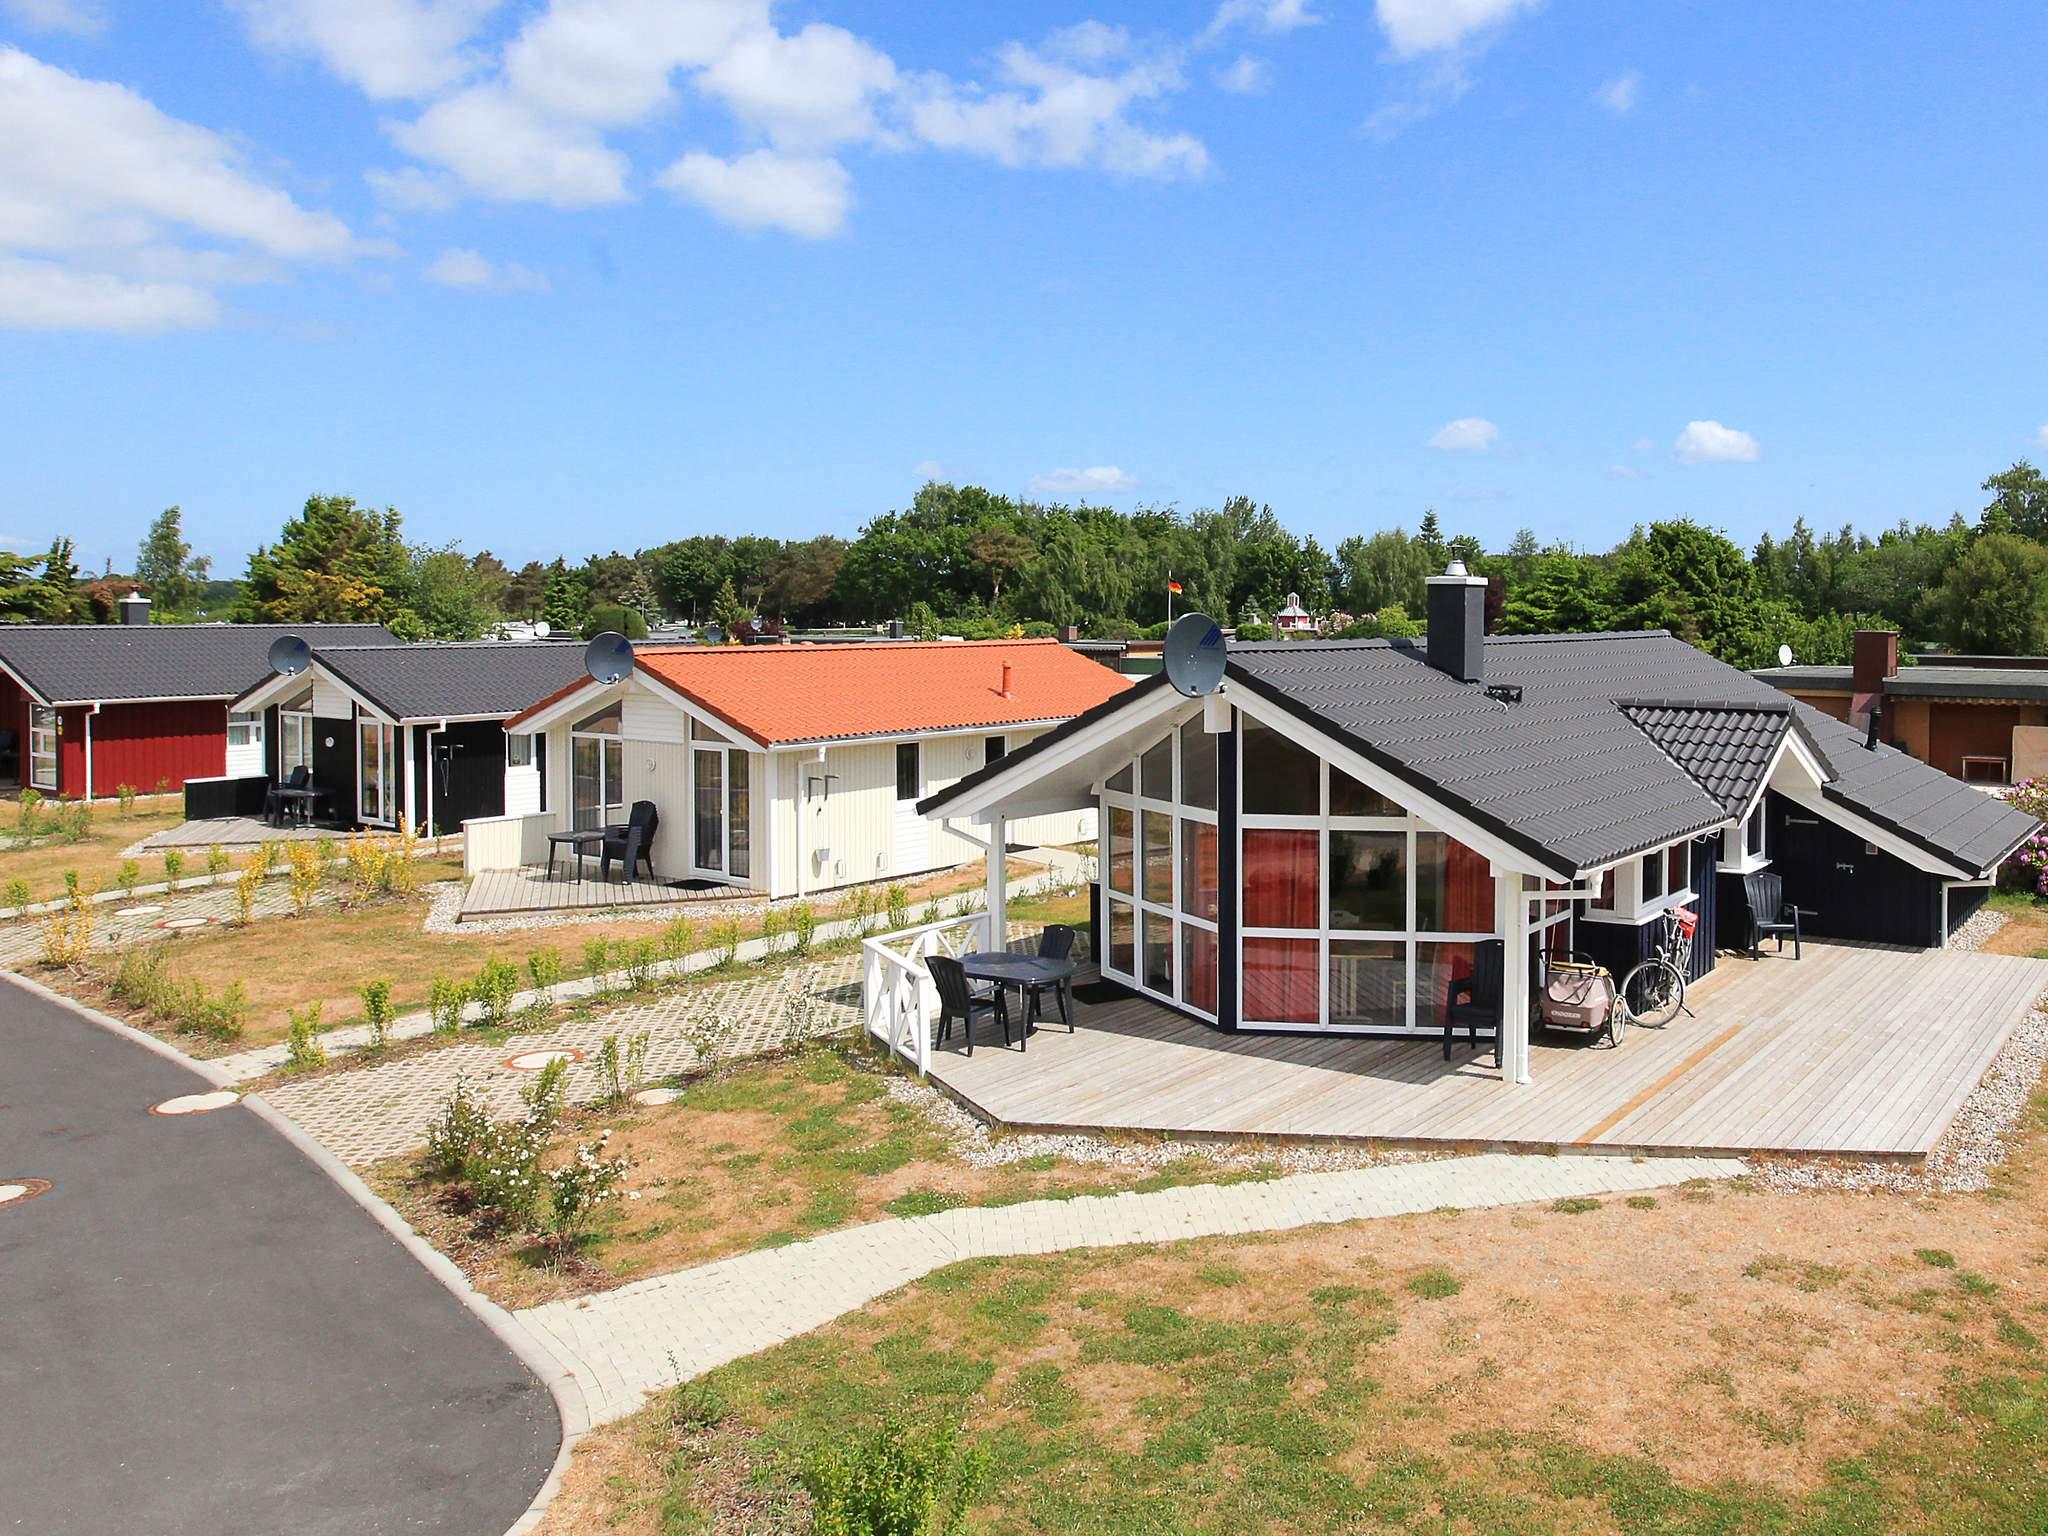 Maison de vacances Grömitz (433402), Grömitz, Baie de Lübeck, Schleswig-Holstein, Allemagne, image 9